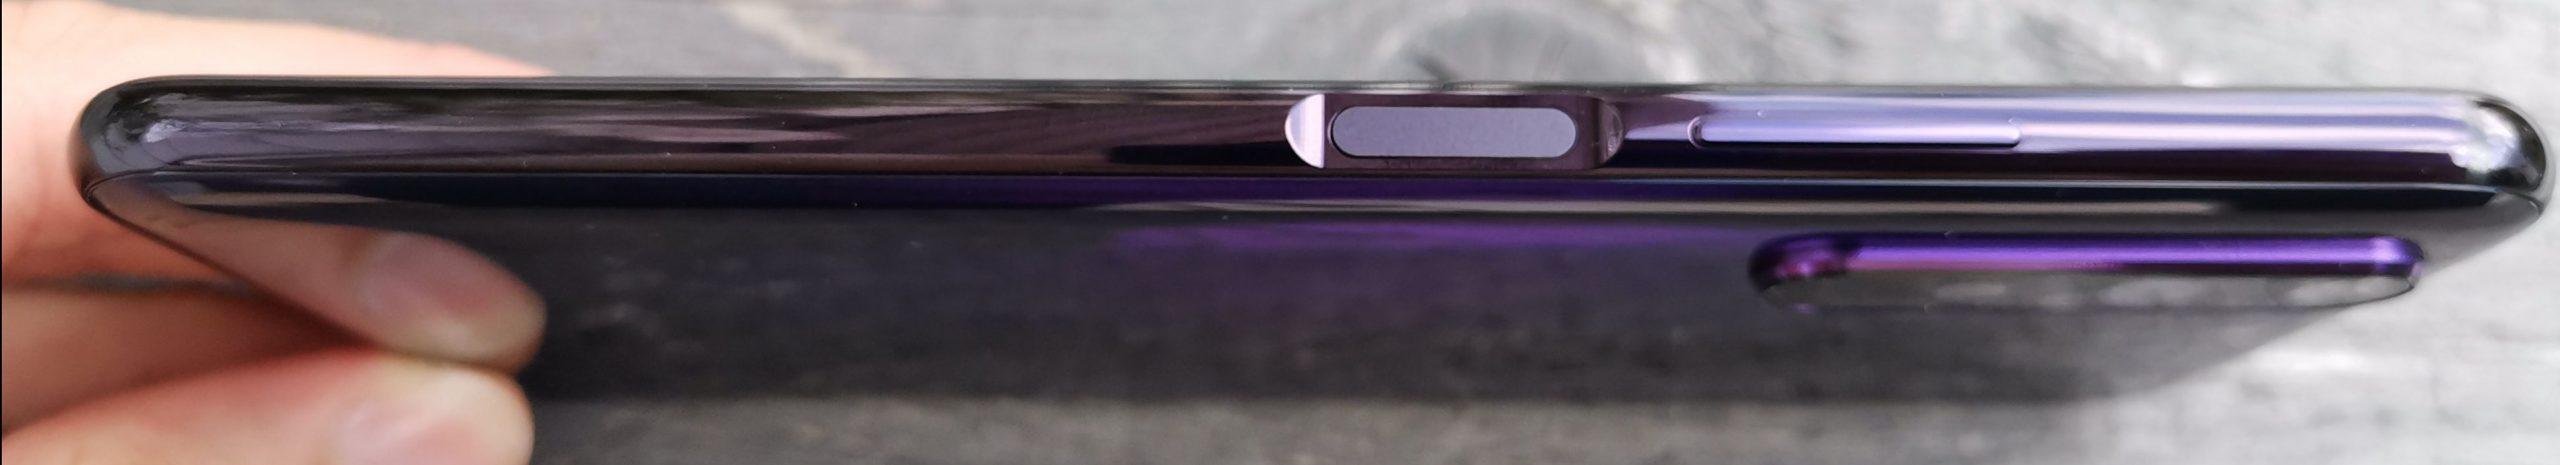 Honor 20 Pron sormenjälkilukija on oikealla reunalla äänenvoimakkuuspainikkeen ohella.